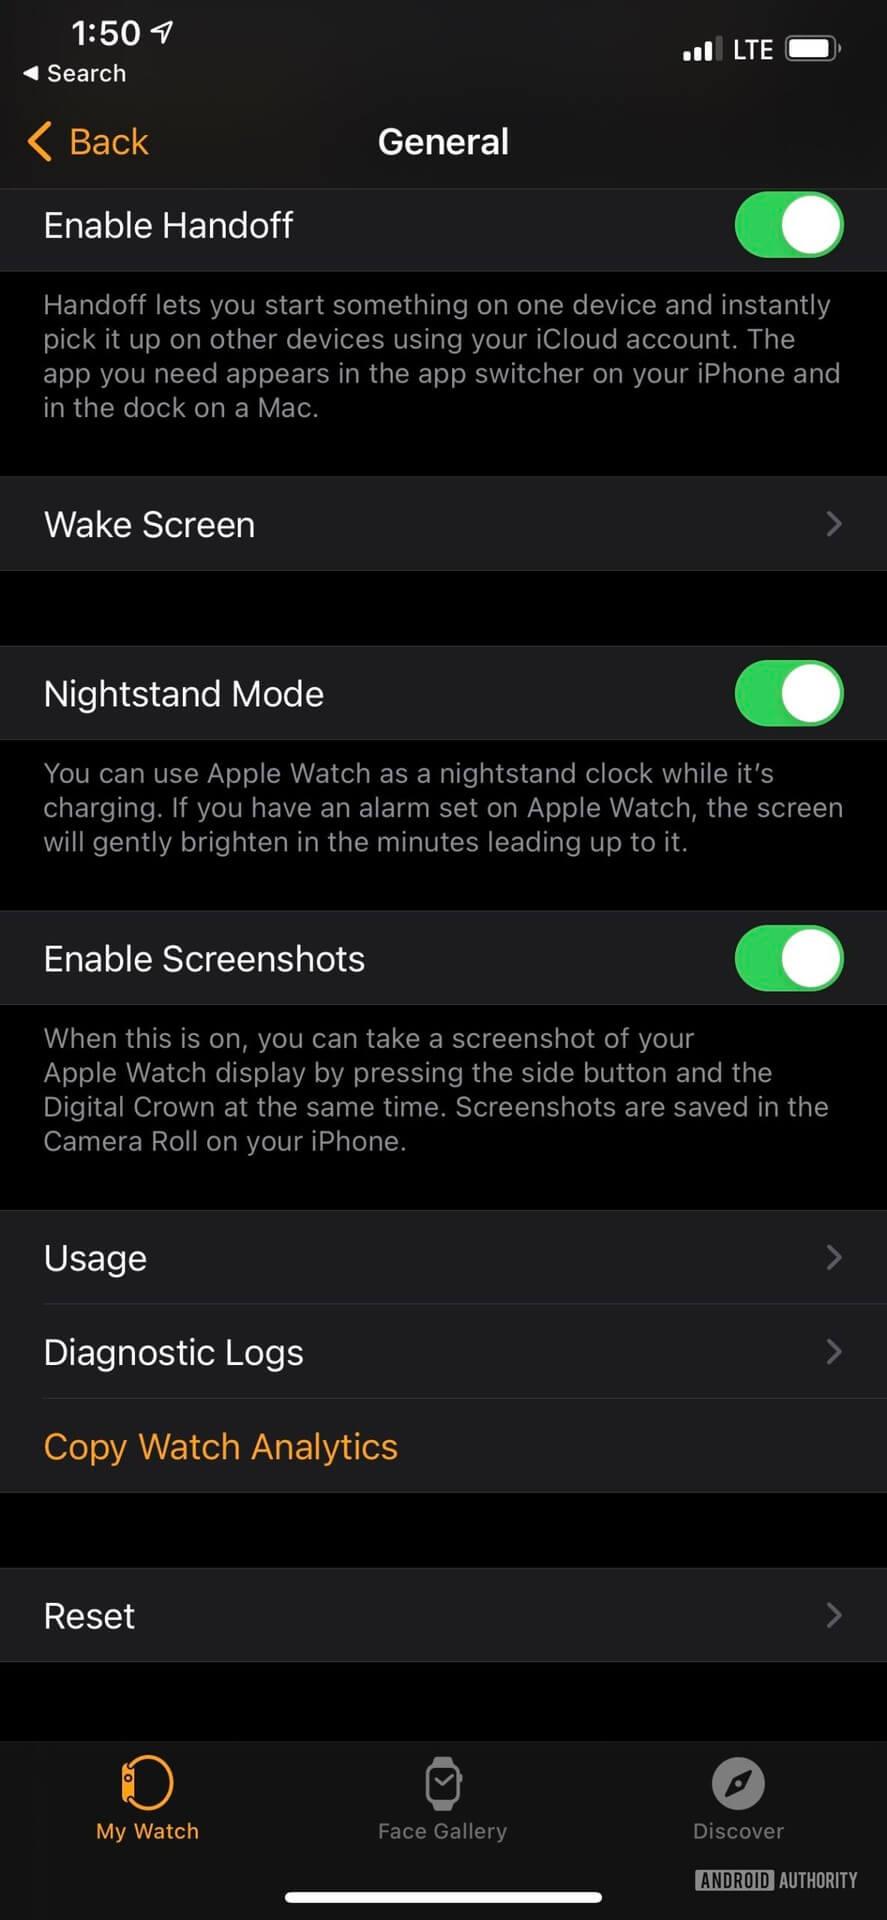 Ảnh chụp màn hình iPhone minh họa cách đặt lại Apple Watch từ iPhone